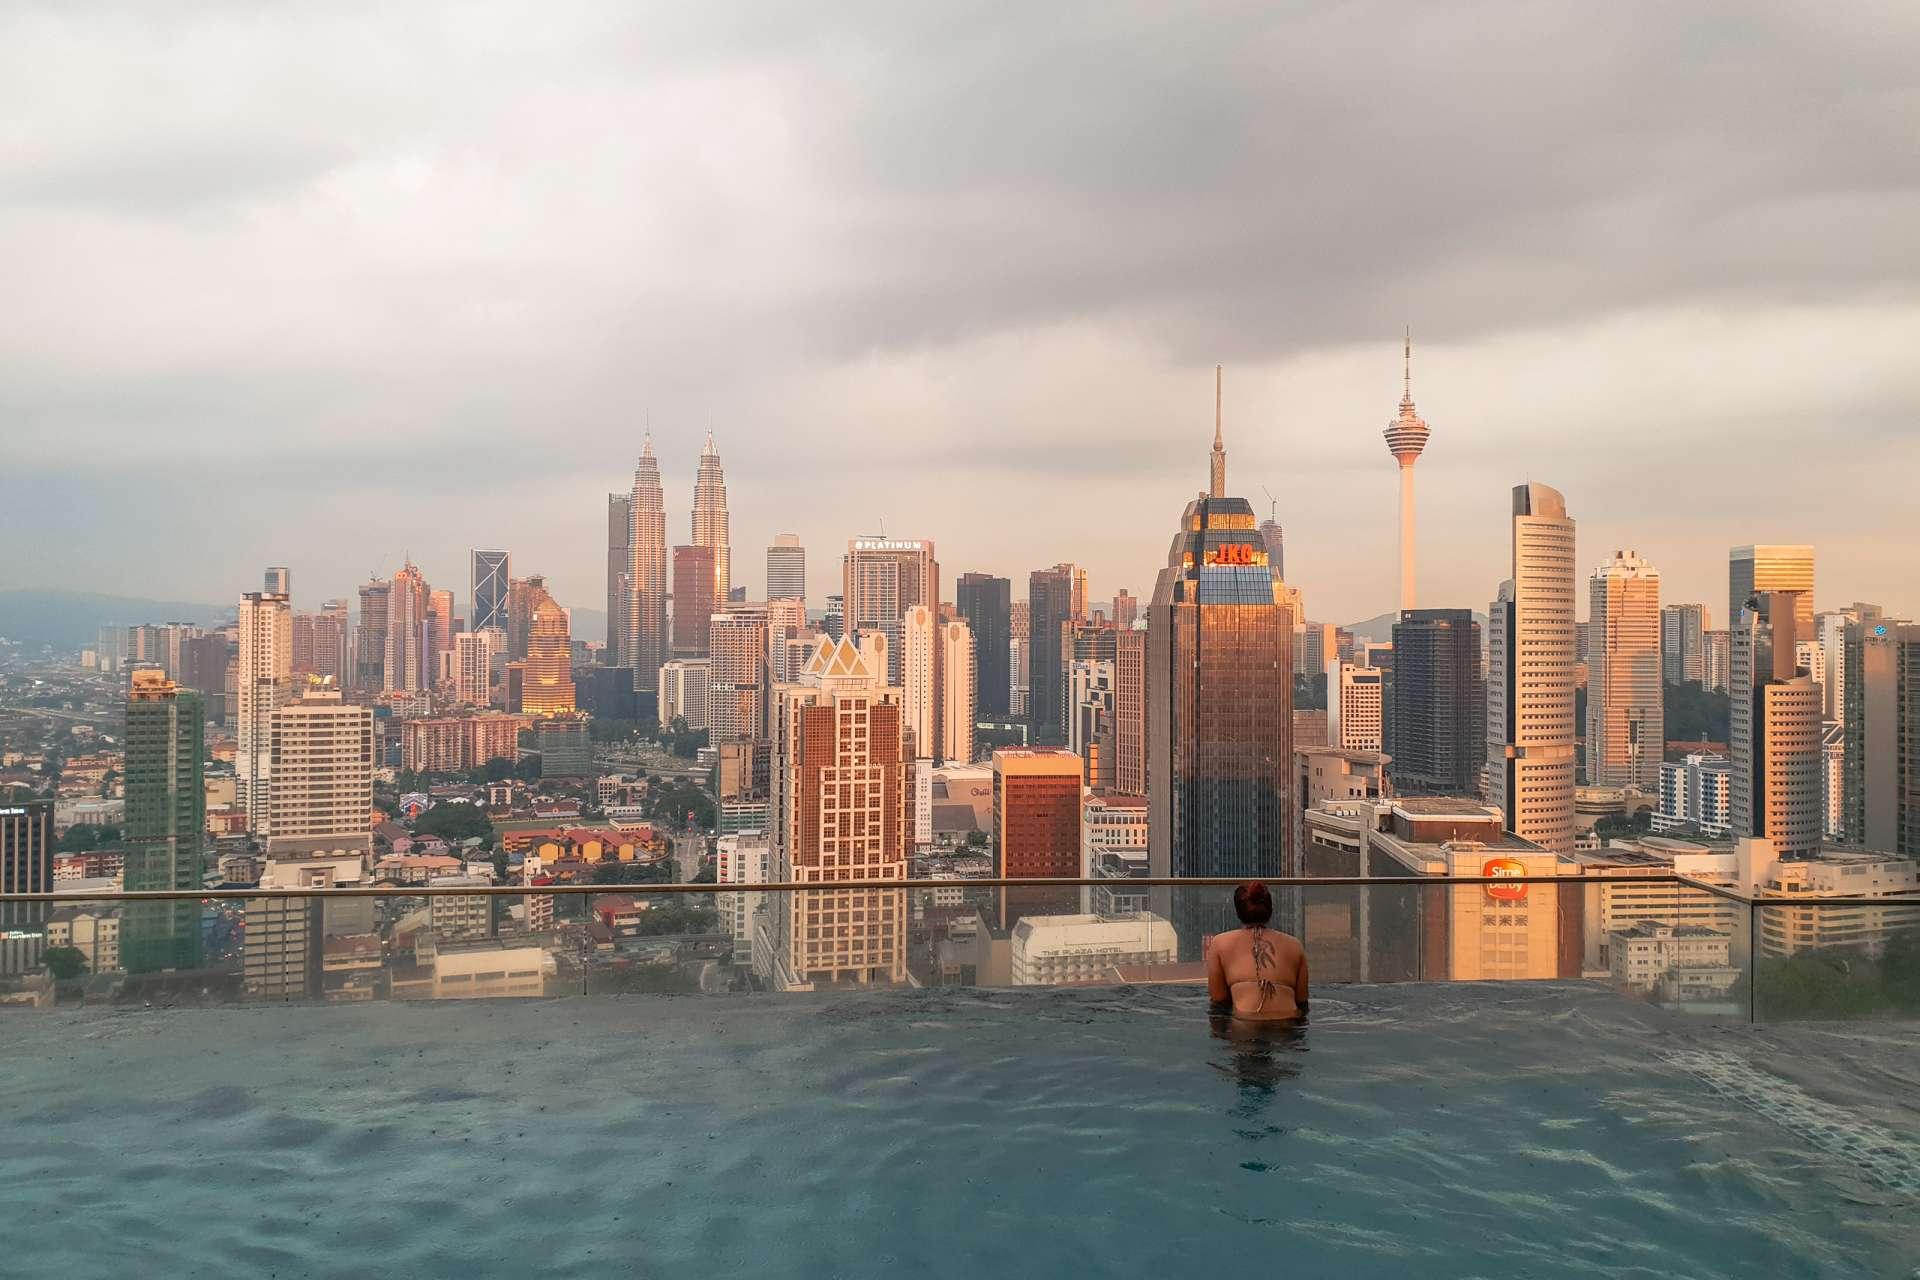 Malaysia Kuala Lumpur pool roof skyscraper